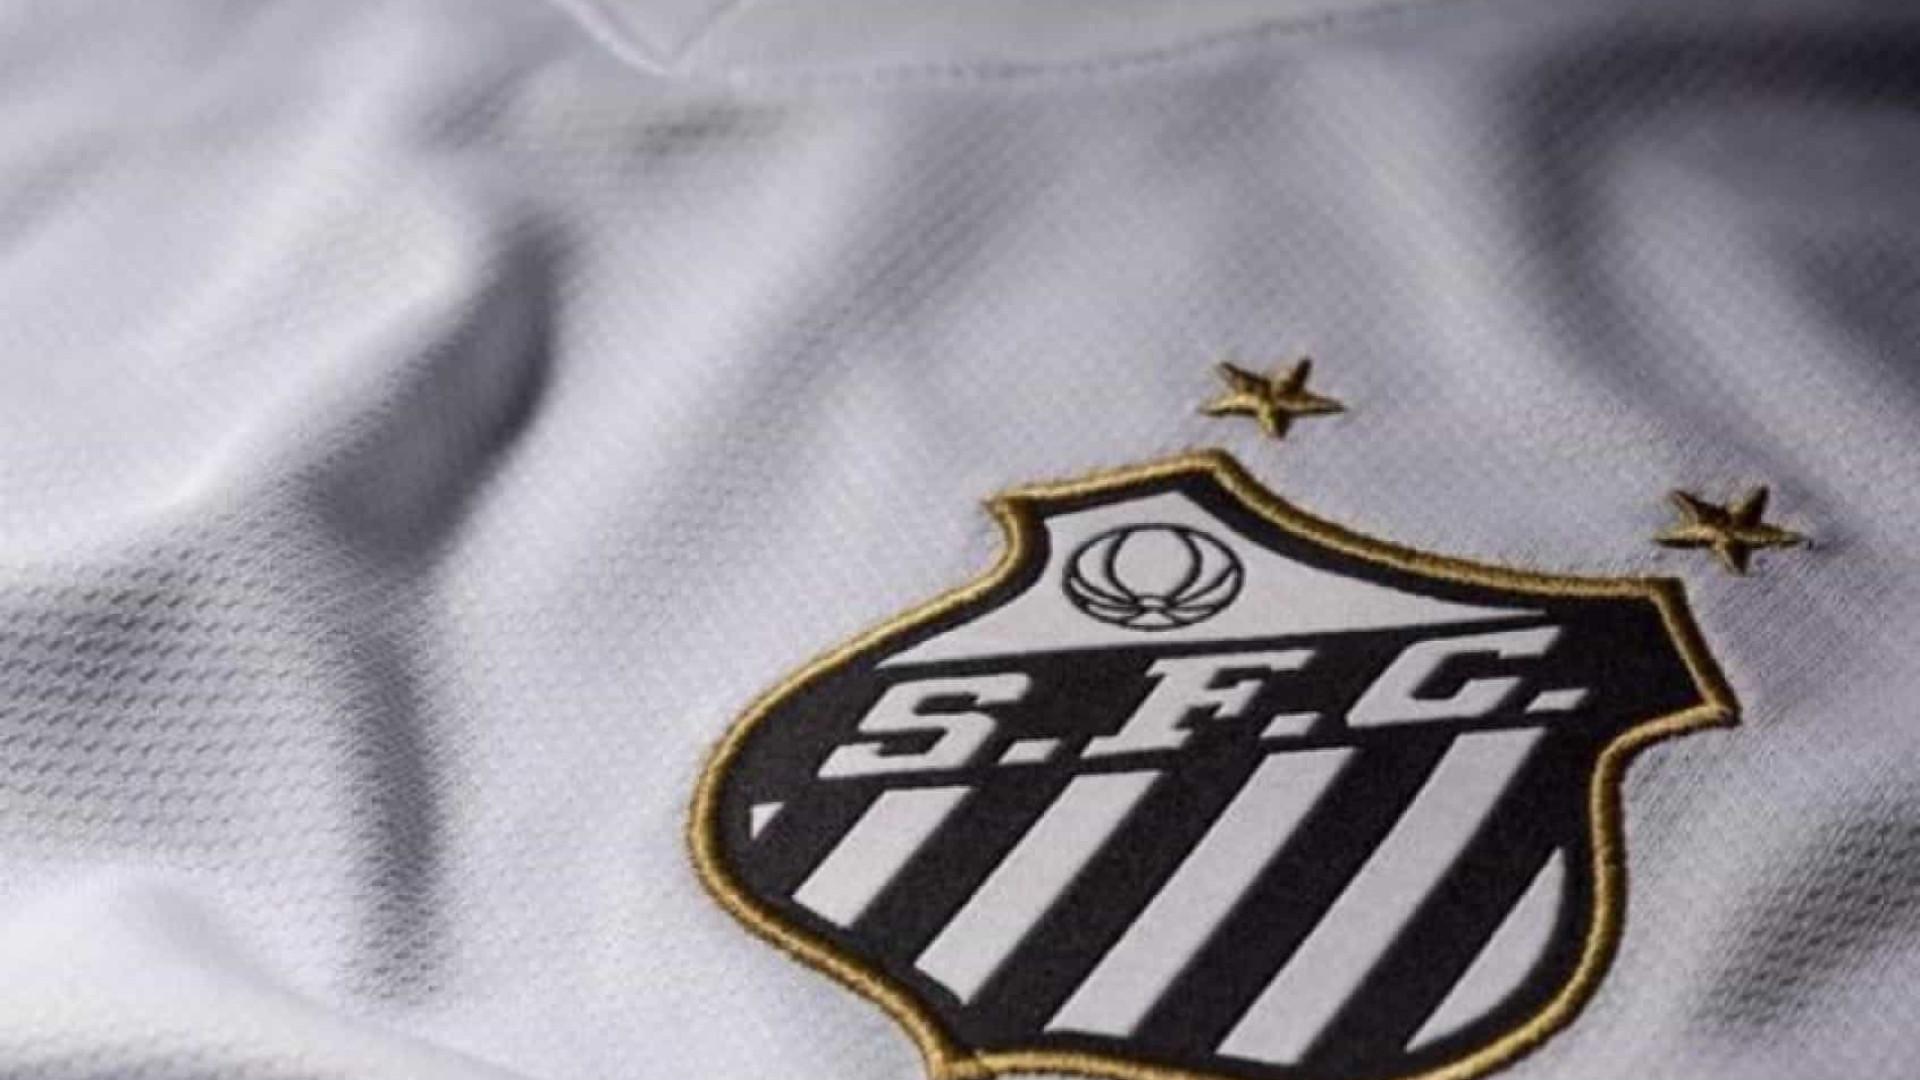 Com poucas chances de contratar, Santos mira recuperar lesionados para reagir